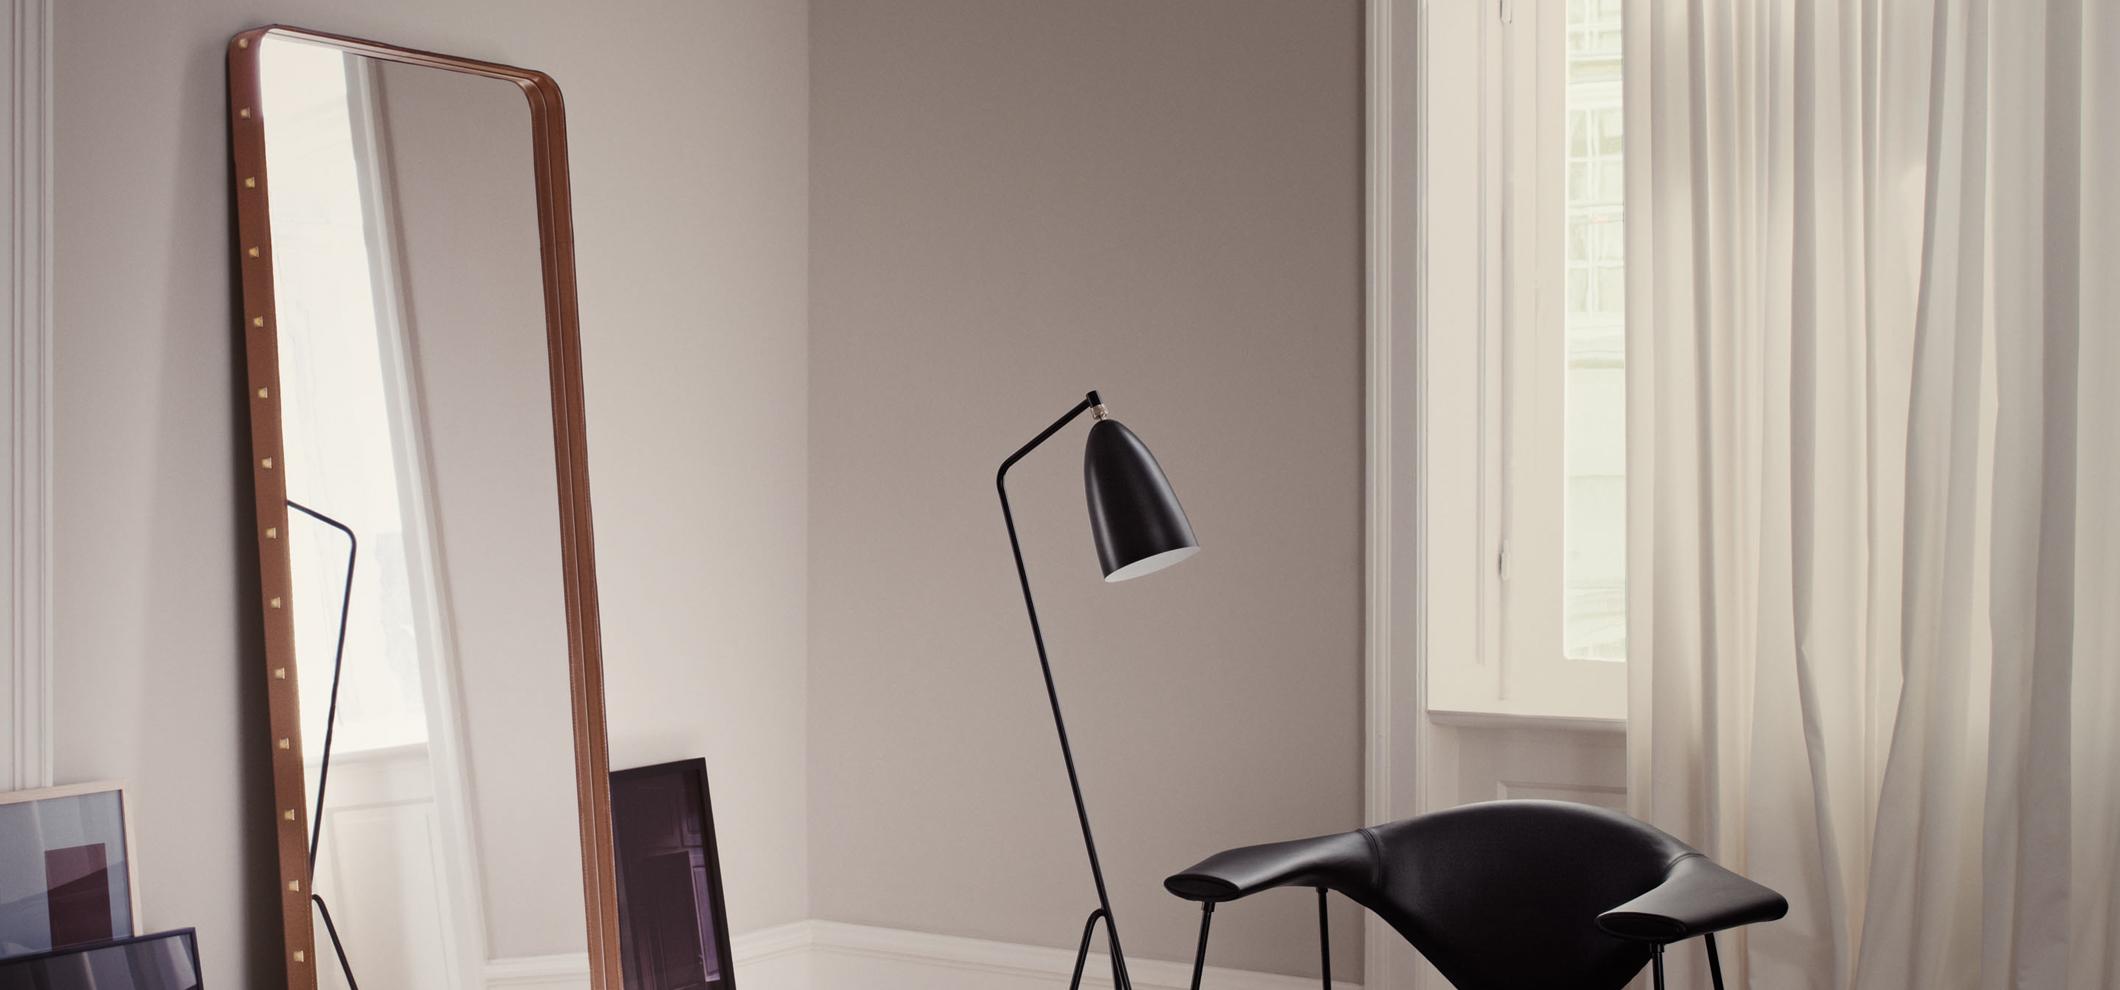 spiegel architare. Black Bedroom Furniture Sets. Home Design Ideas